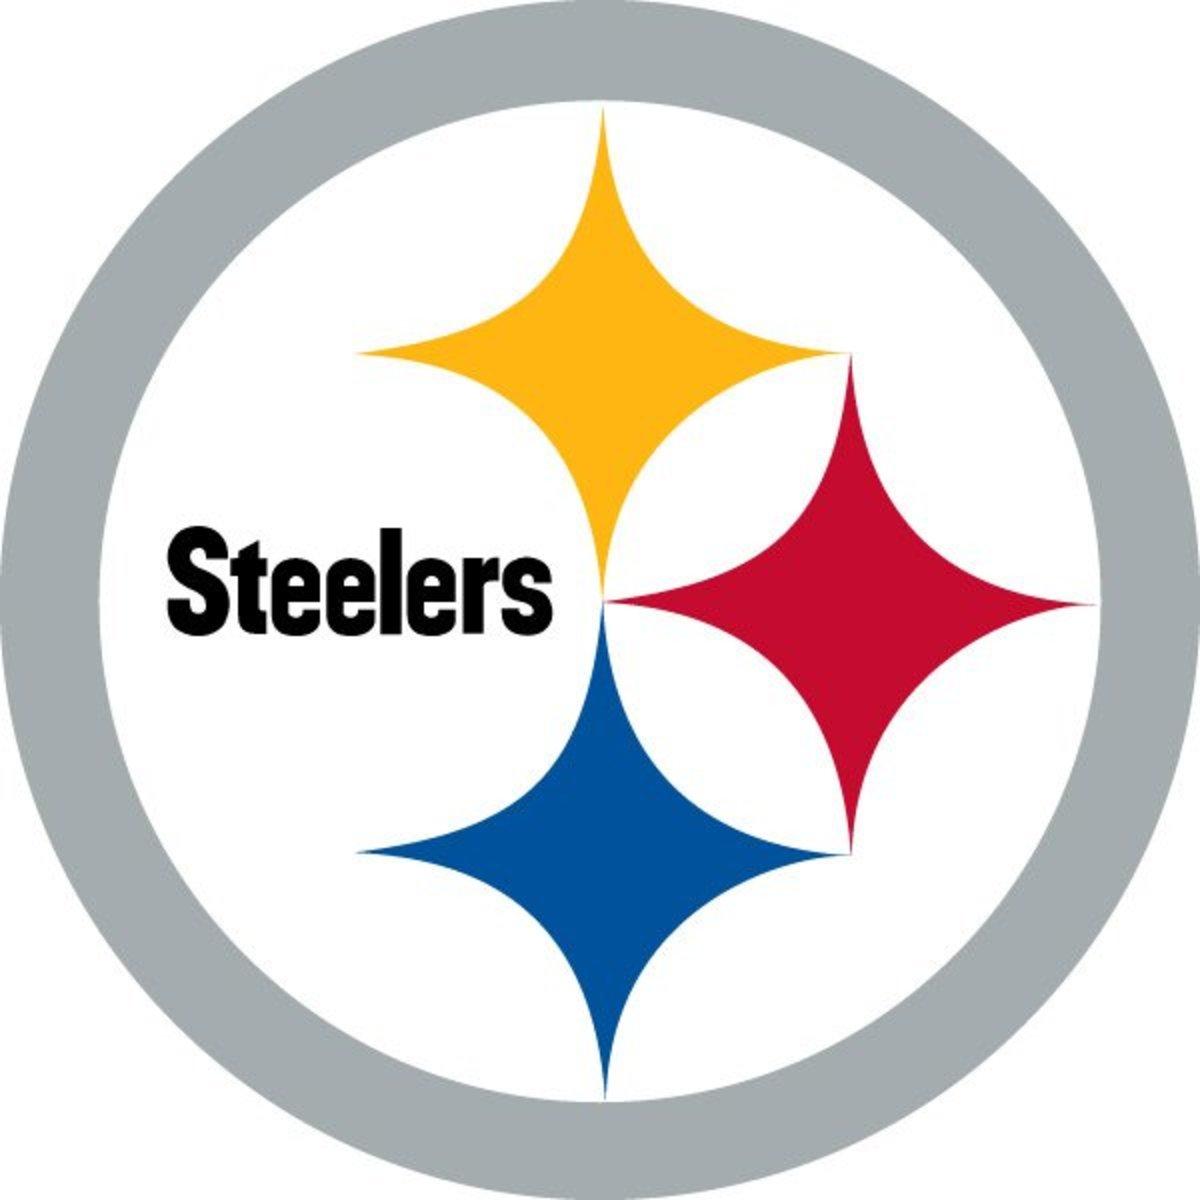 NFL Power Rankings: Steelers